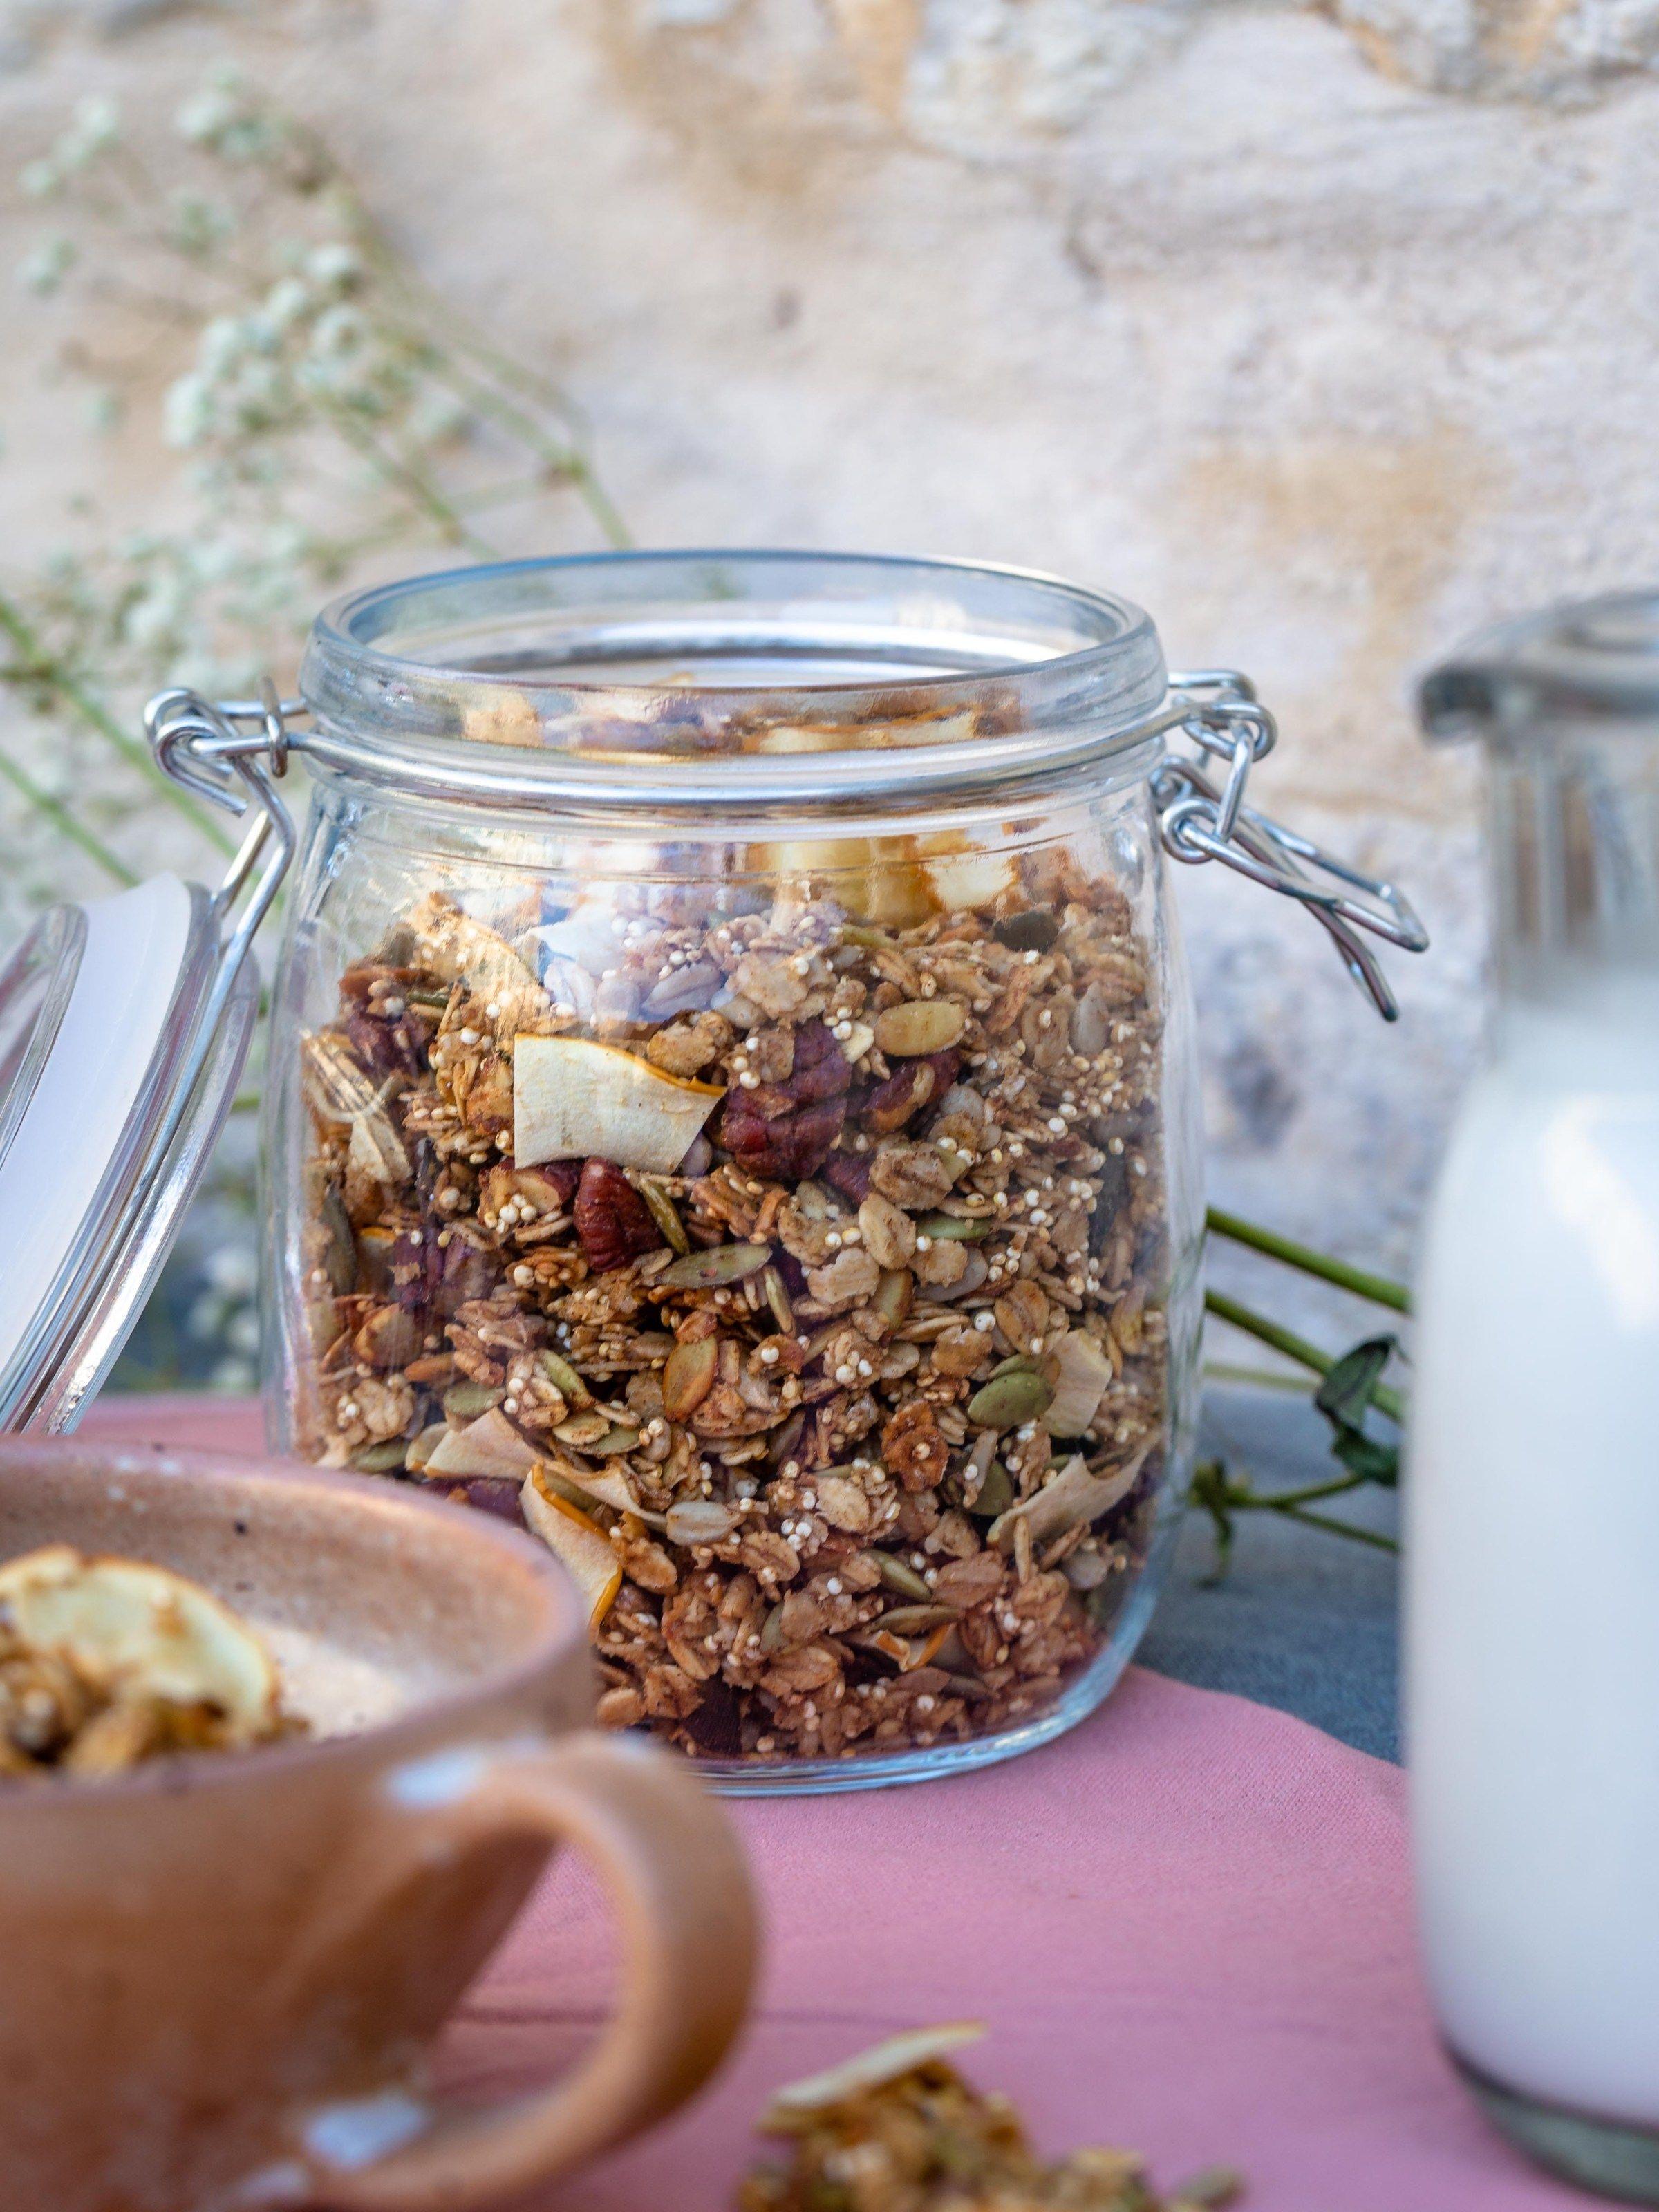 Idée Repas Groupe Granola Automnal   Free The Pickle | Recette | Idée recette, Repas